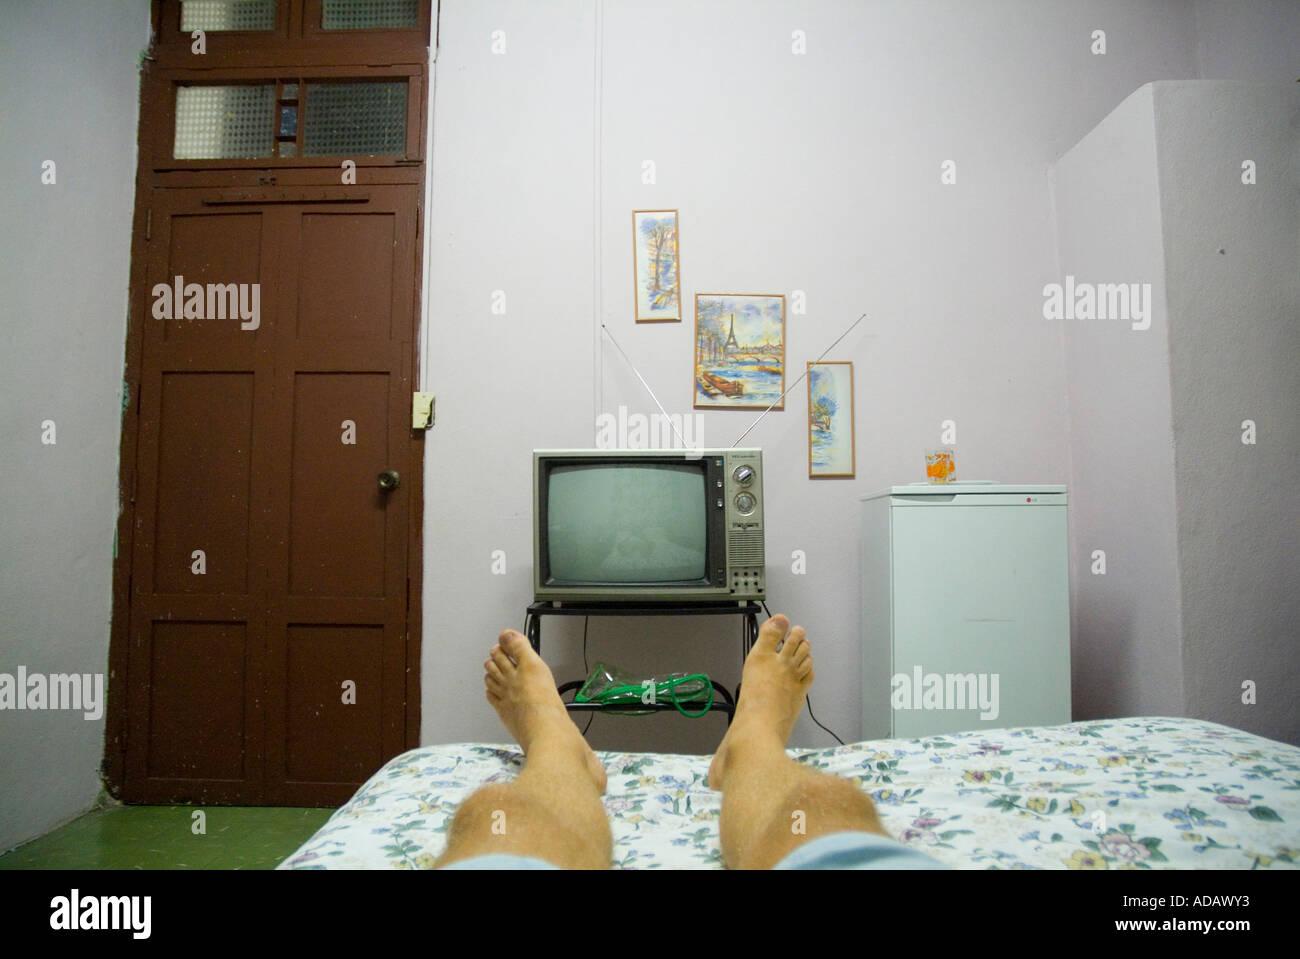 Der Mann Beine auf einem Bett vor einem alten TV in einer Pension / B&B / Hotel/Motel Zimmer Stockbild